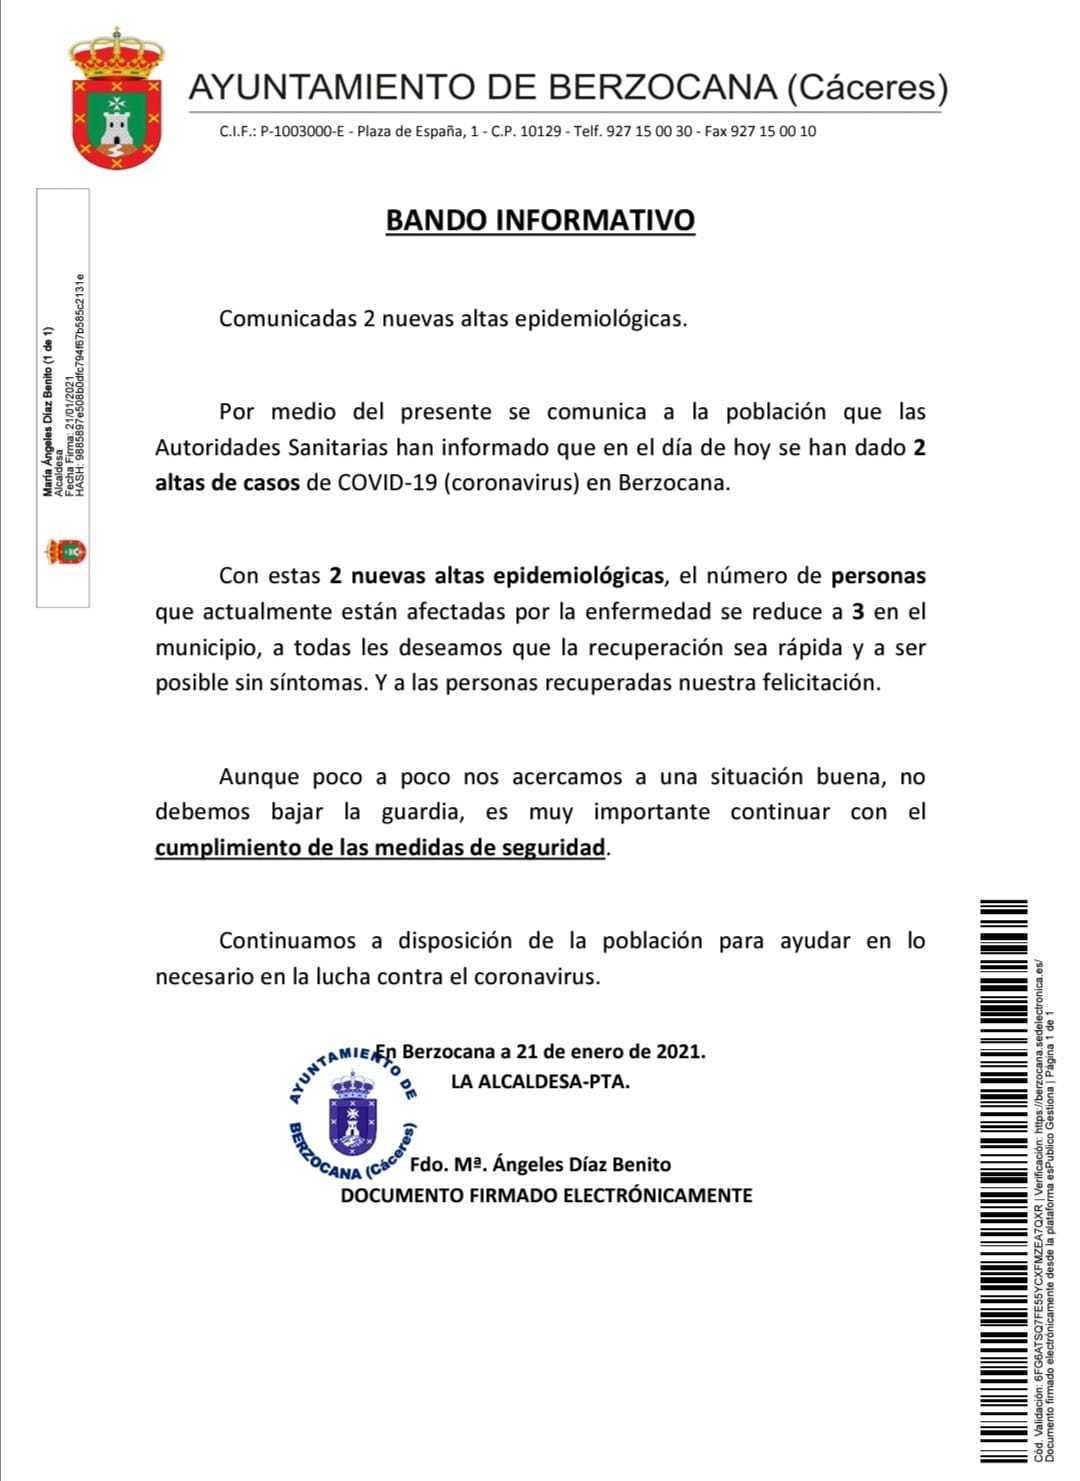 Dos nuevas altas de COVID-19 (enero 2021) - Berzocana (Cáceres)